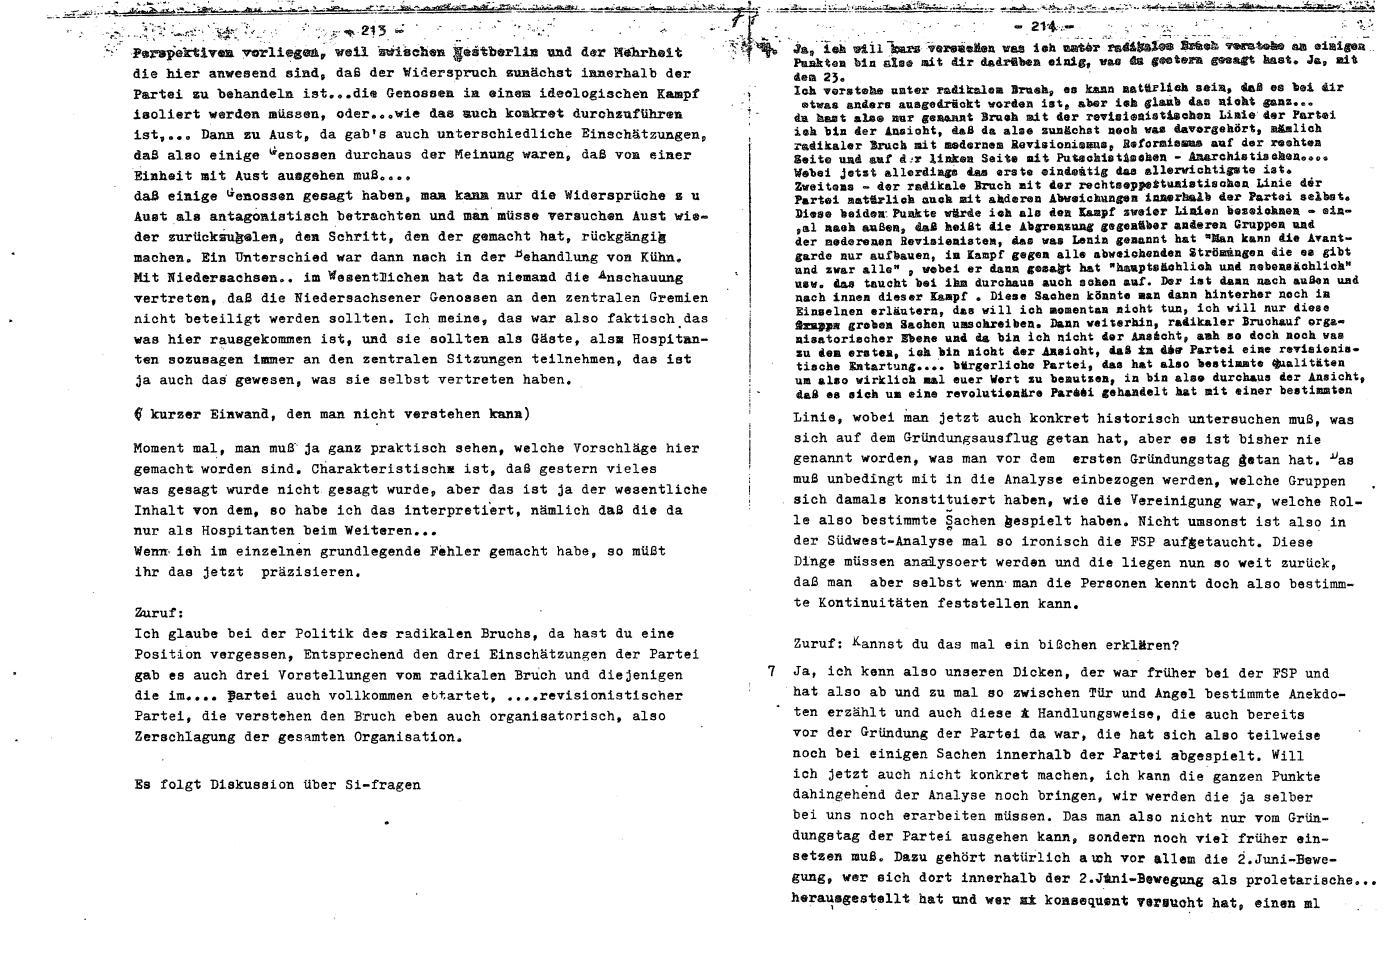 KPDML_1971_Wortprotokolle_aoPt_081